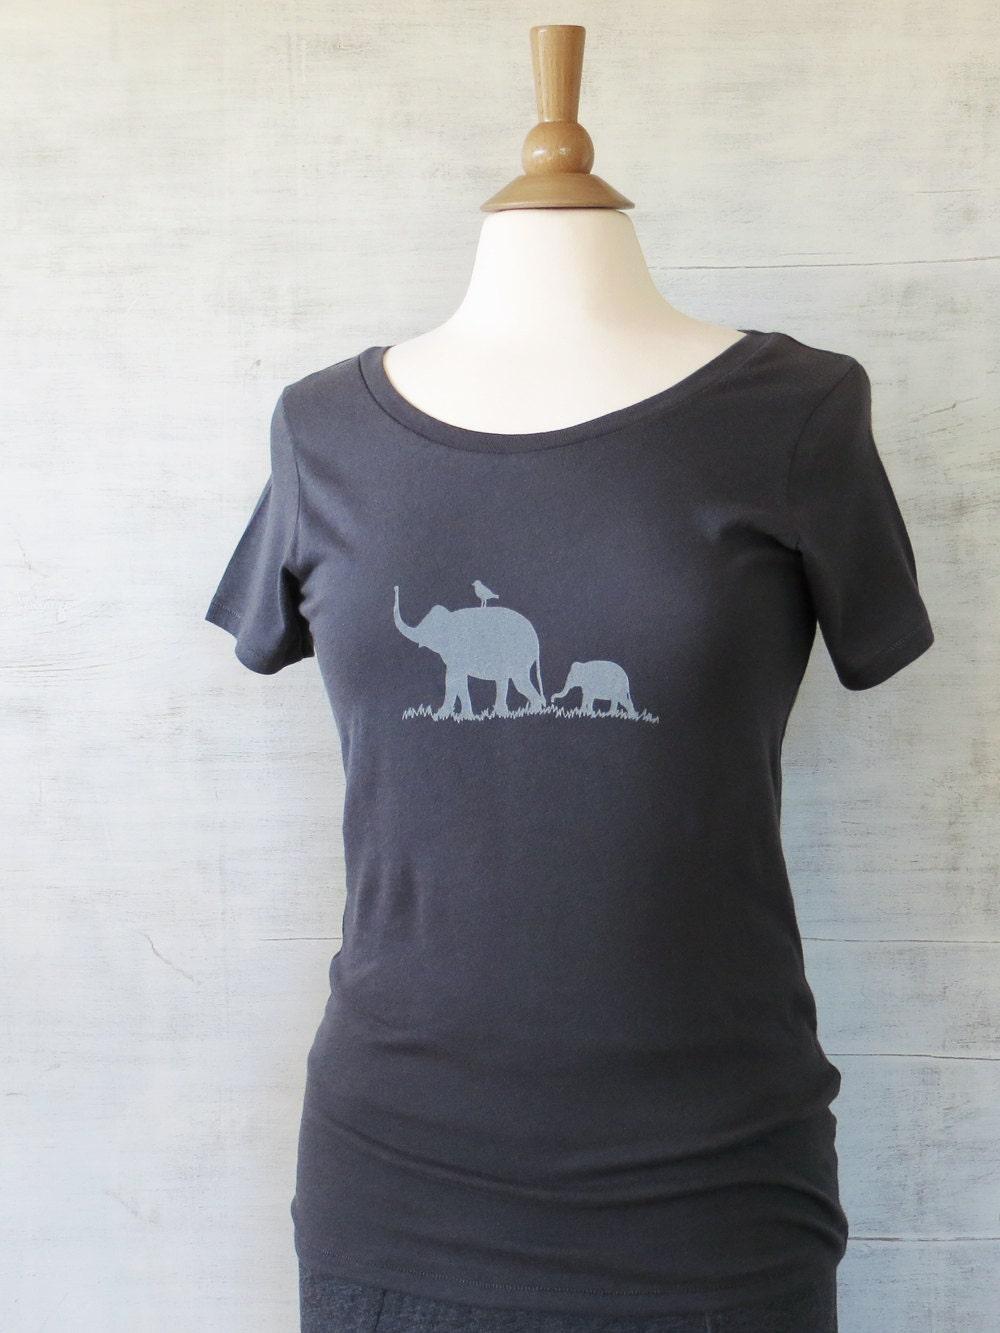 Womens Organic Cotton T Shirt Womens Graphic Tee Gray